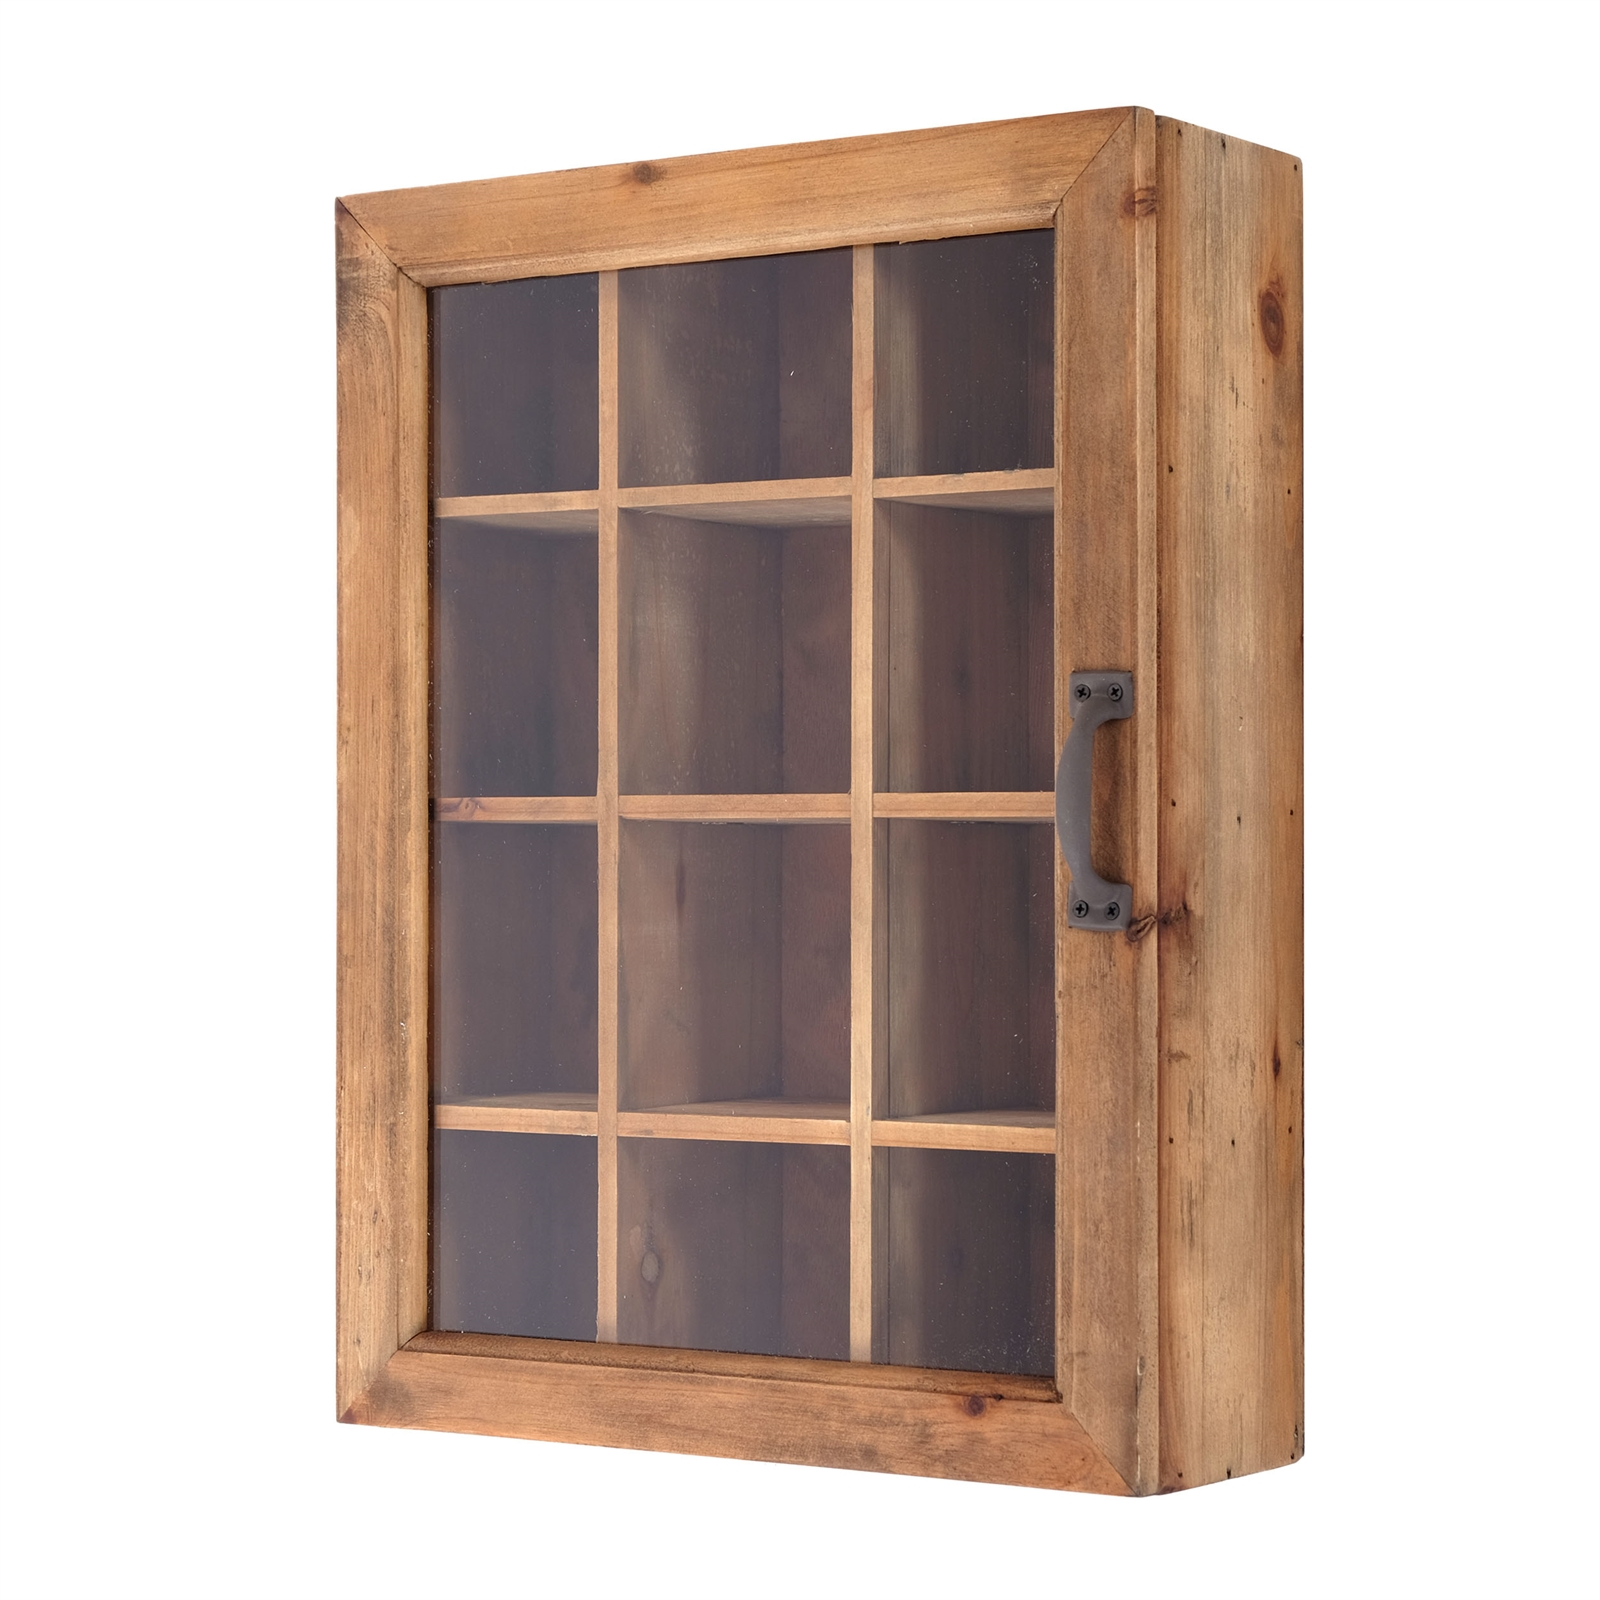 Wall Shelf Cookies Small Kare Design 82192 Fir Wood